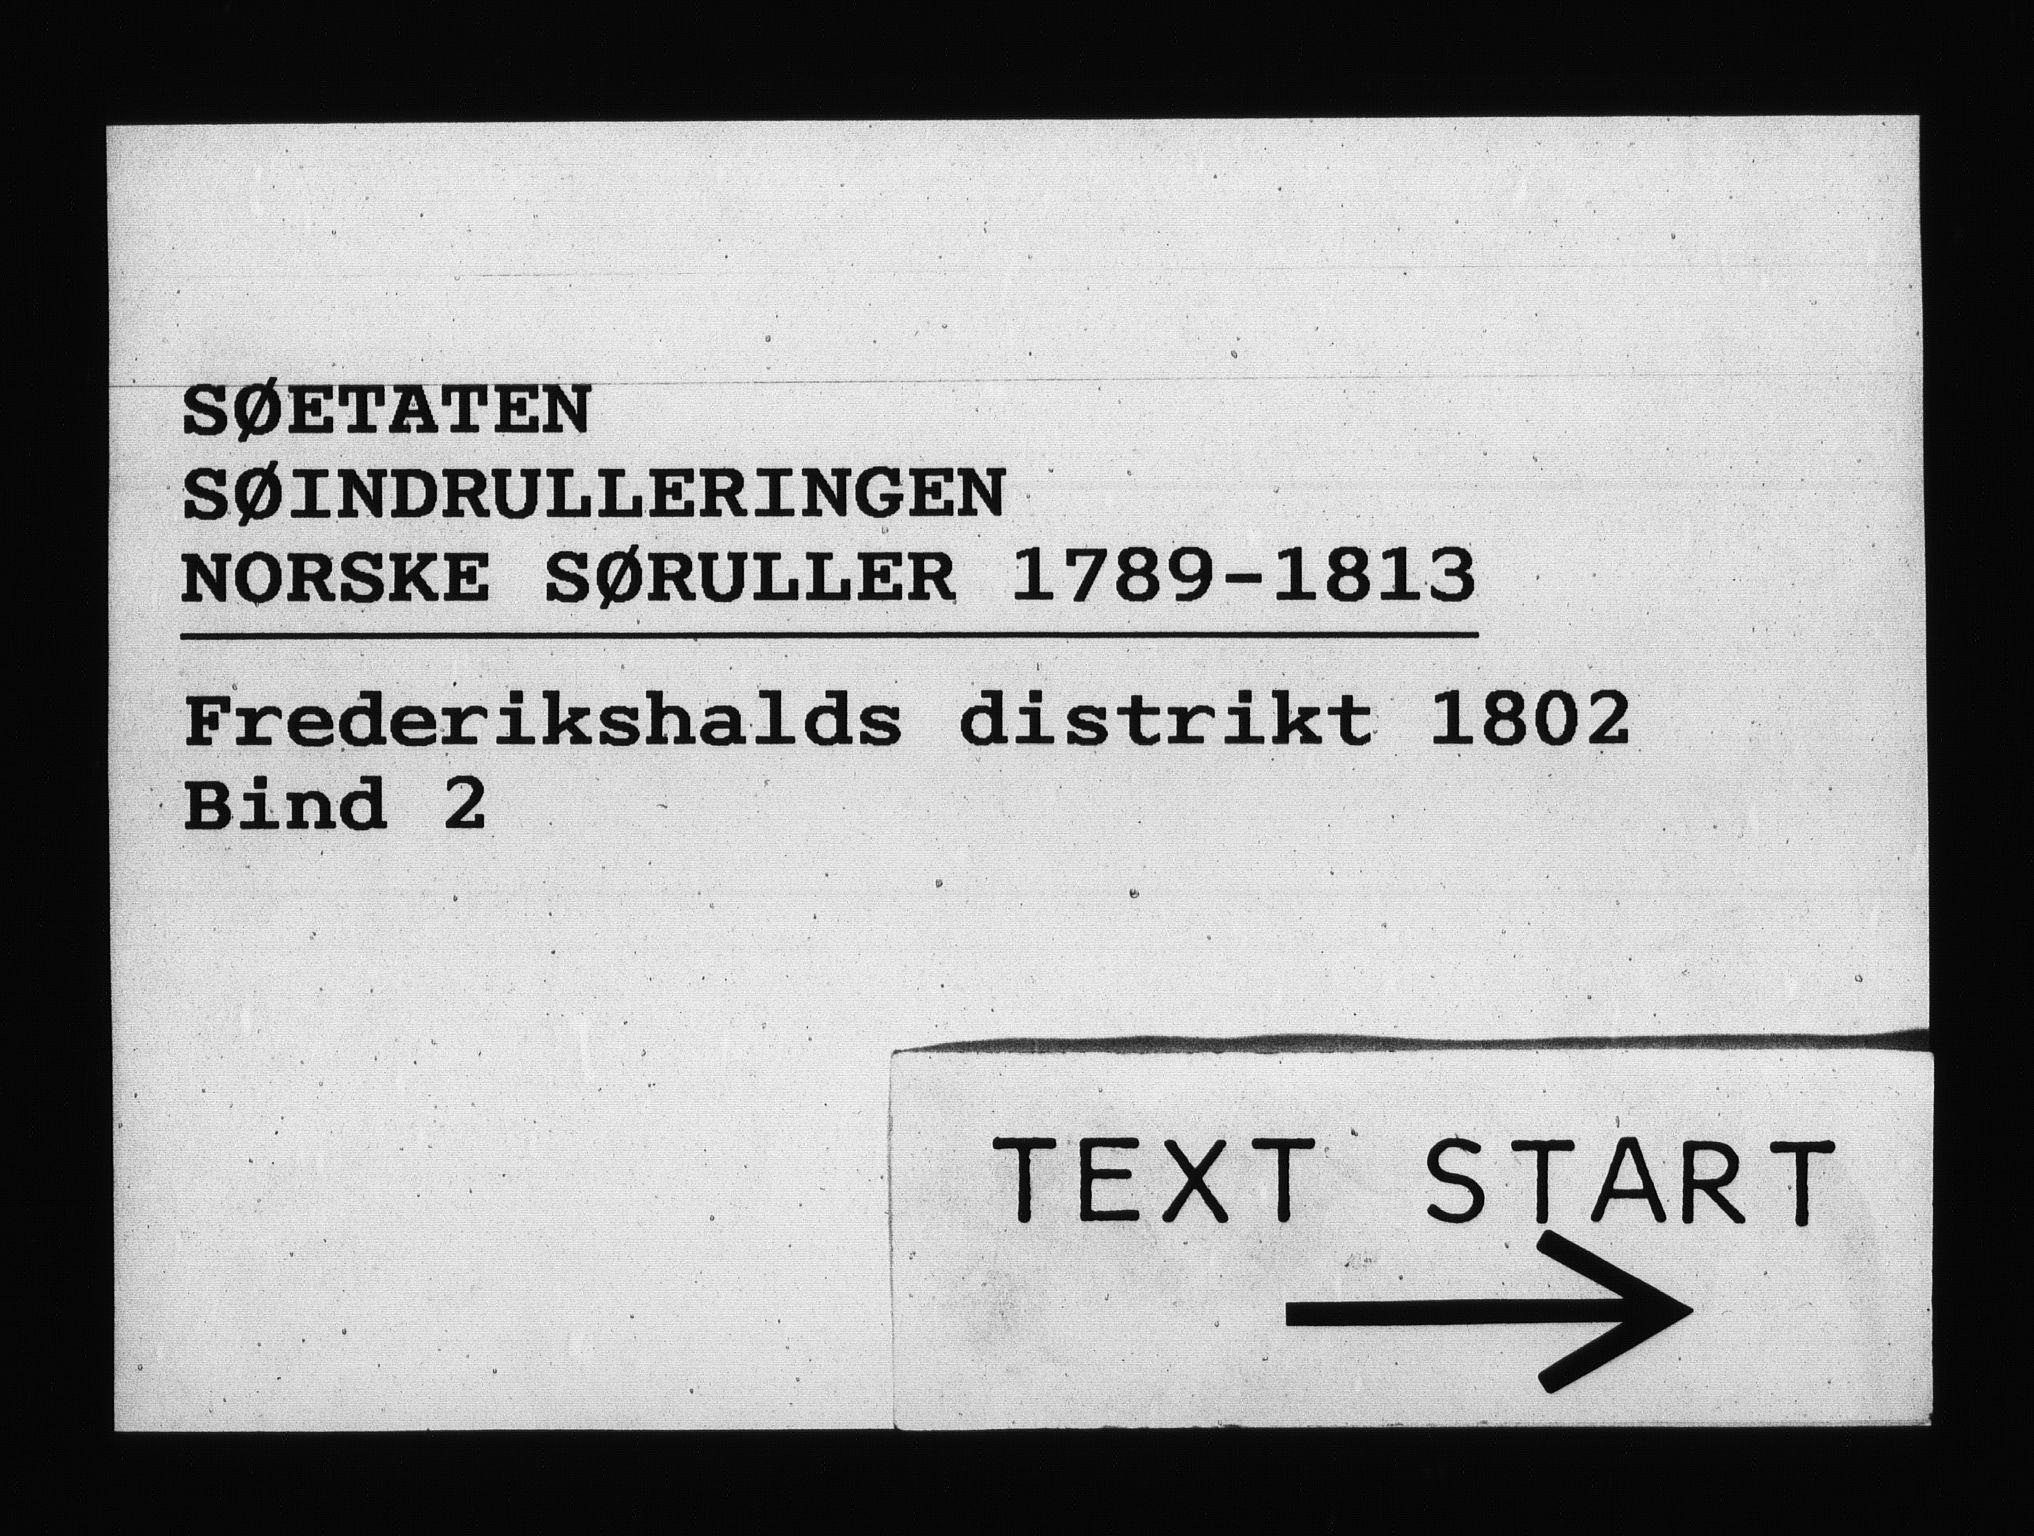 RA, Sjøetaten, F/L0197: Fredrikshalds distrikt, bind 2, 1802